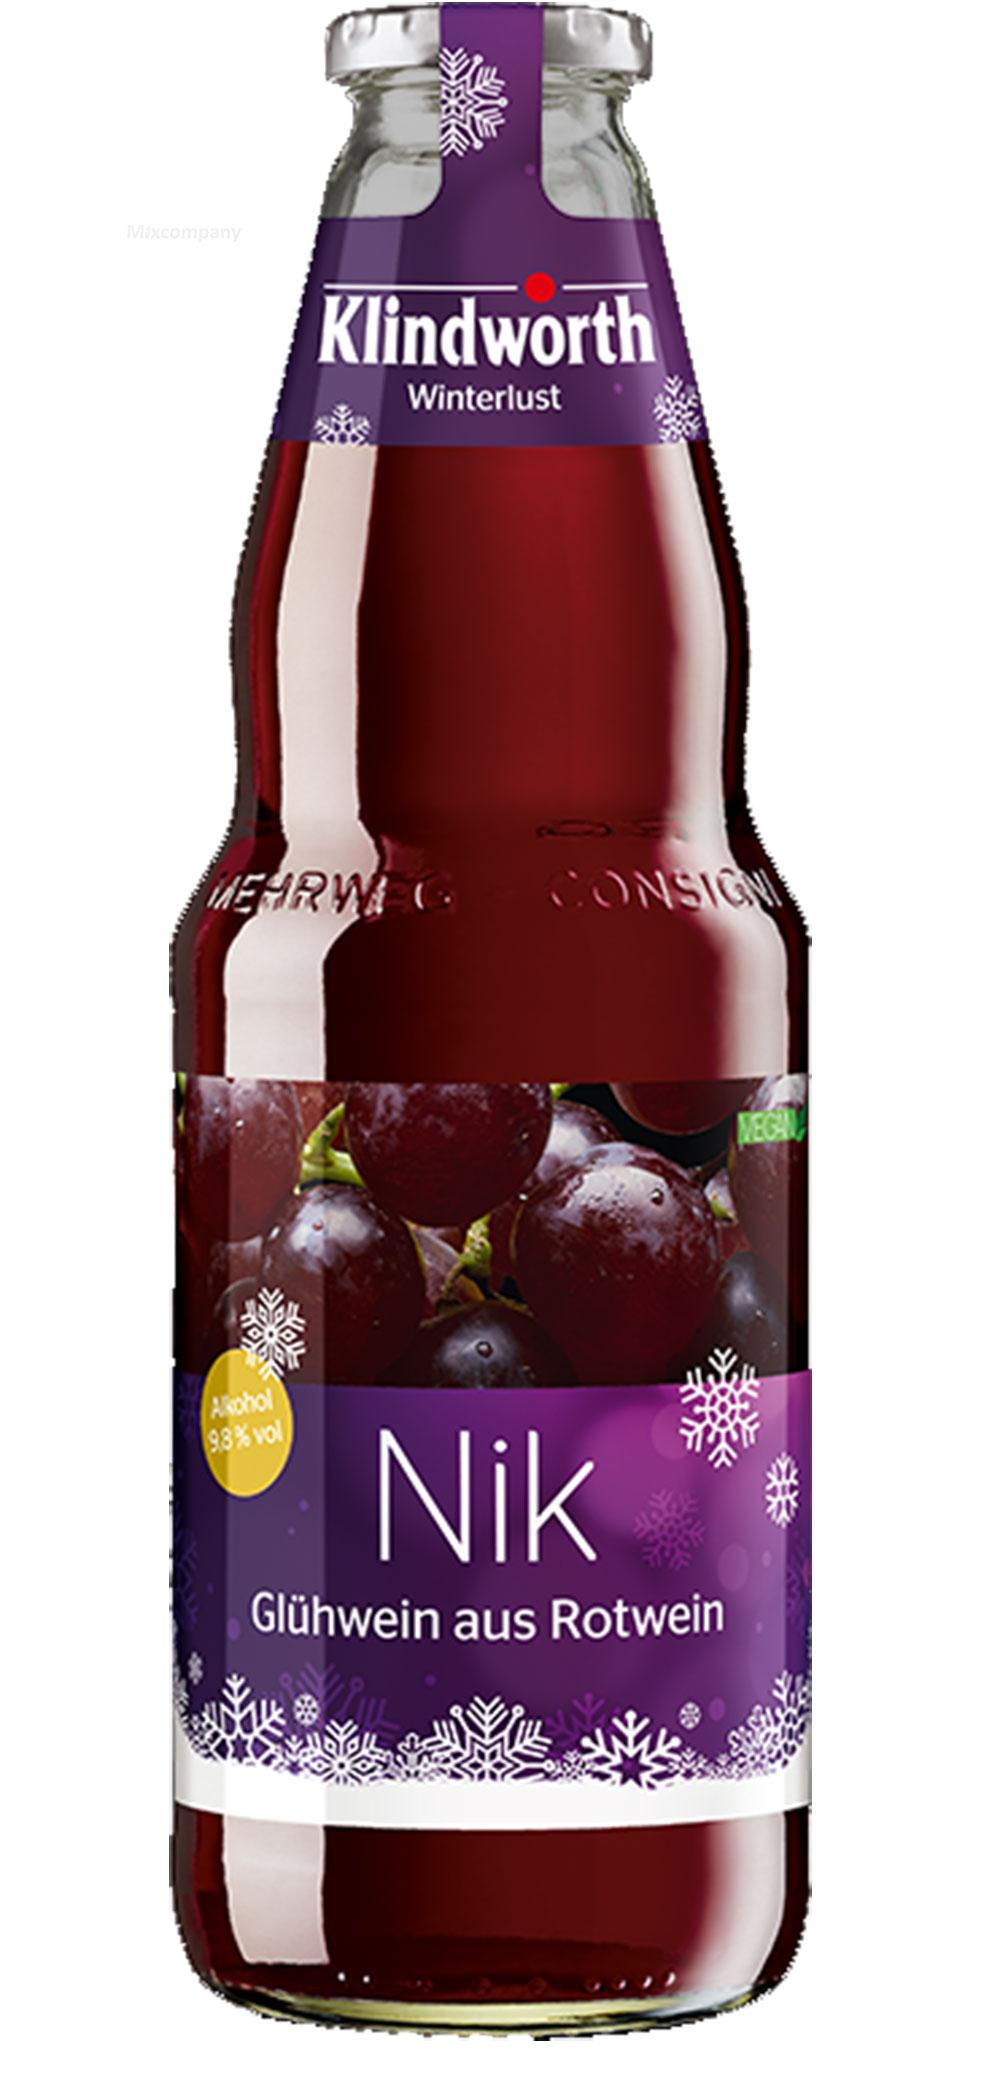 Klindworth Nik 1x Glühwein aus Rotwein - 1x Winterlust Glühwein 1L (9,8% Vol) inkl. Pfand MEHRWEG- [Enthält Sulfite]